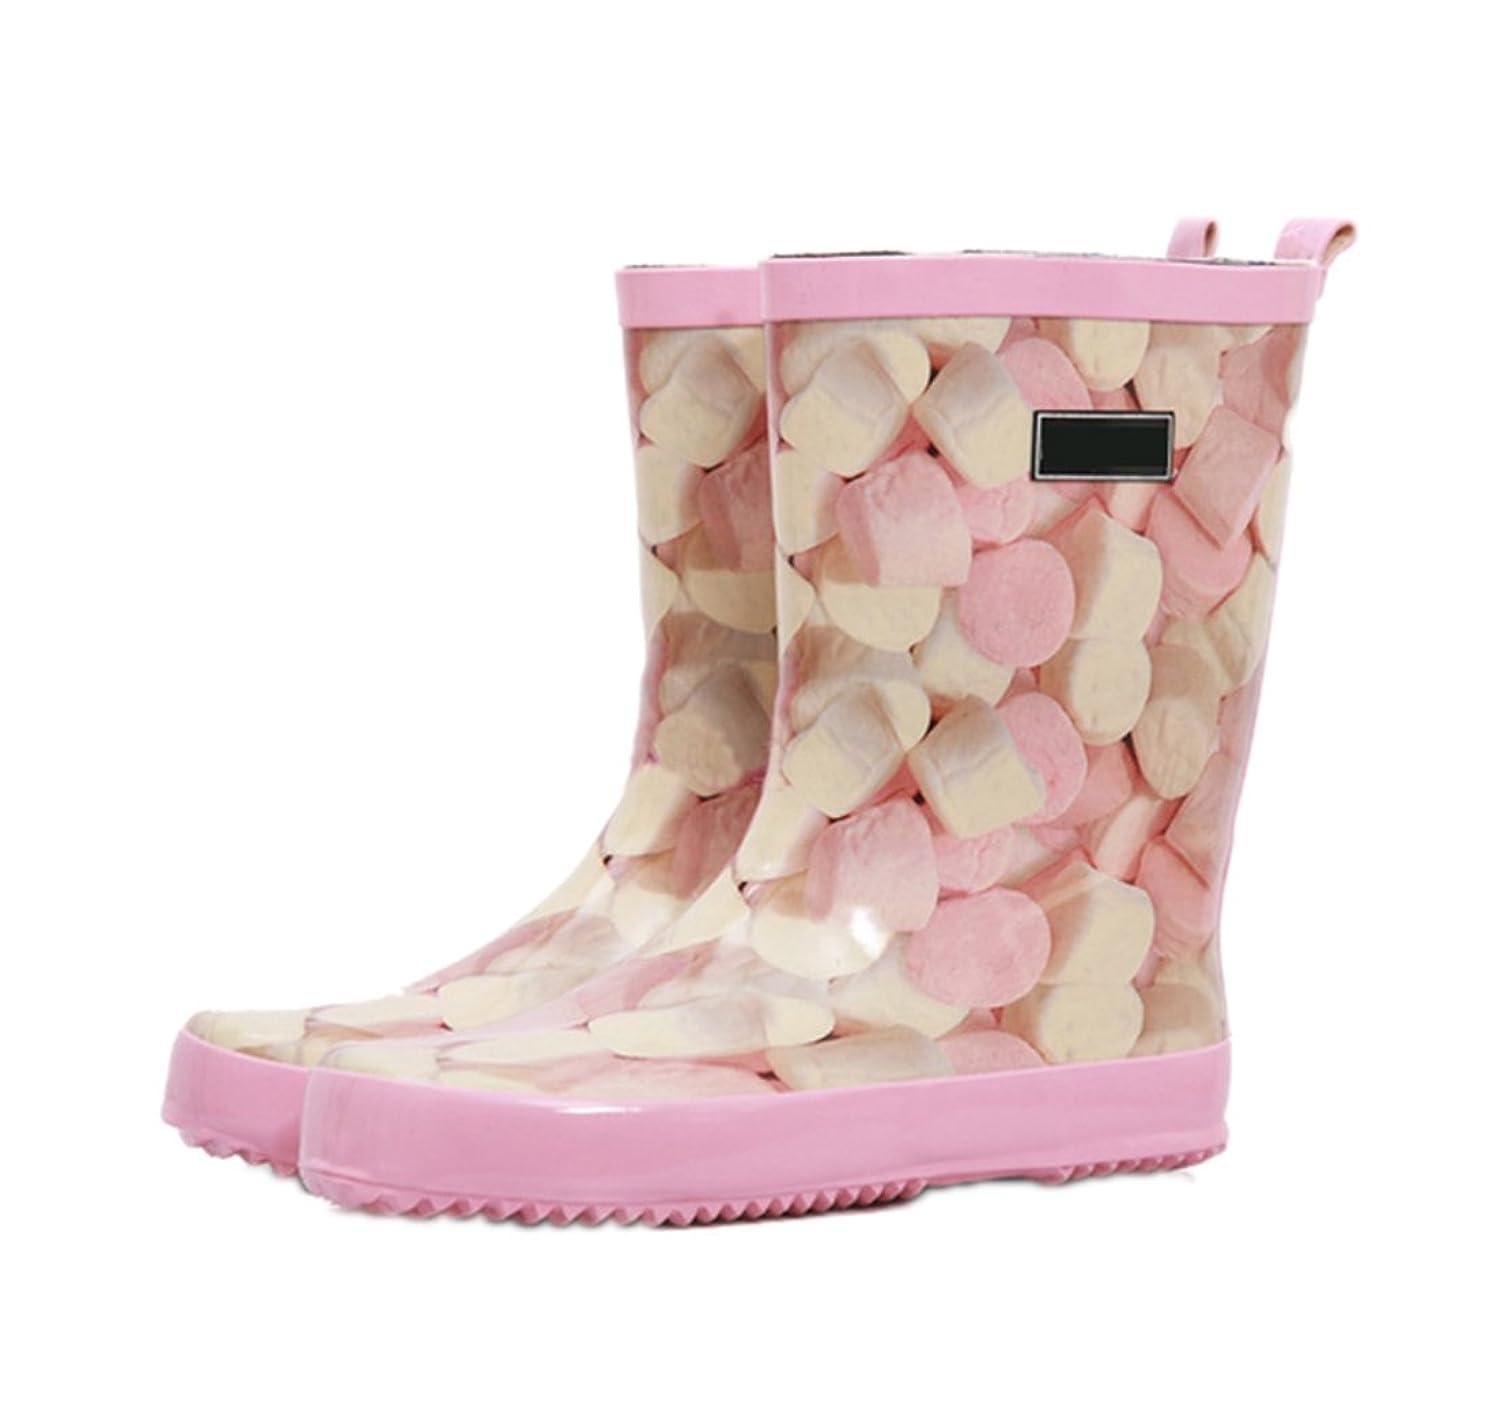 シャーロットブロンテ後ろにインタビュー[NOMSOCR] レインブーツ 長靴 レディース ロングブーツ 雨 柔らかい カジュアル レインシューズ キャンディ柄 軽量 防水 ラバーブーツ 歩きやすい おしゃれ 雨具 雨靴アウトドア